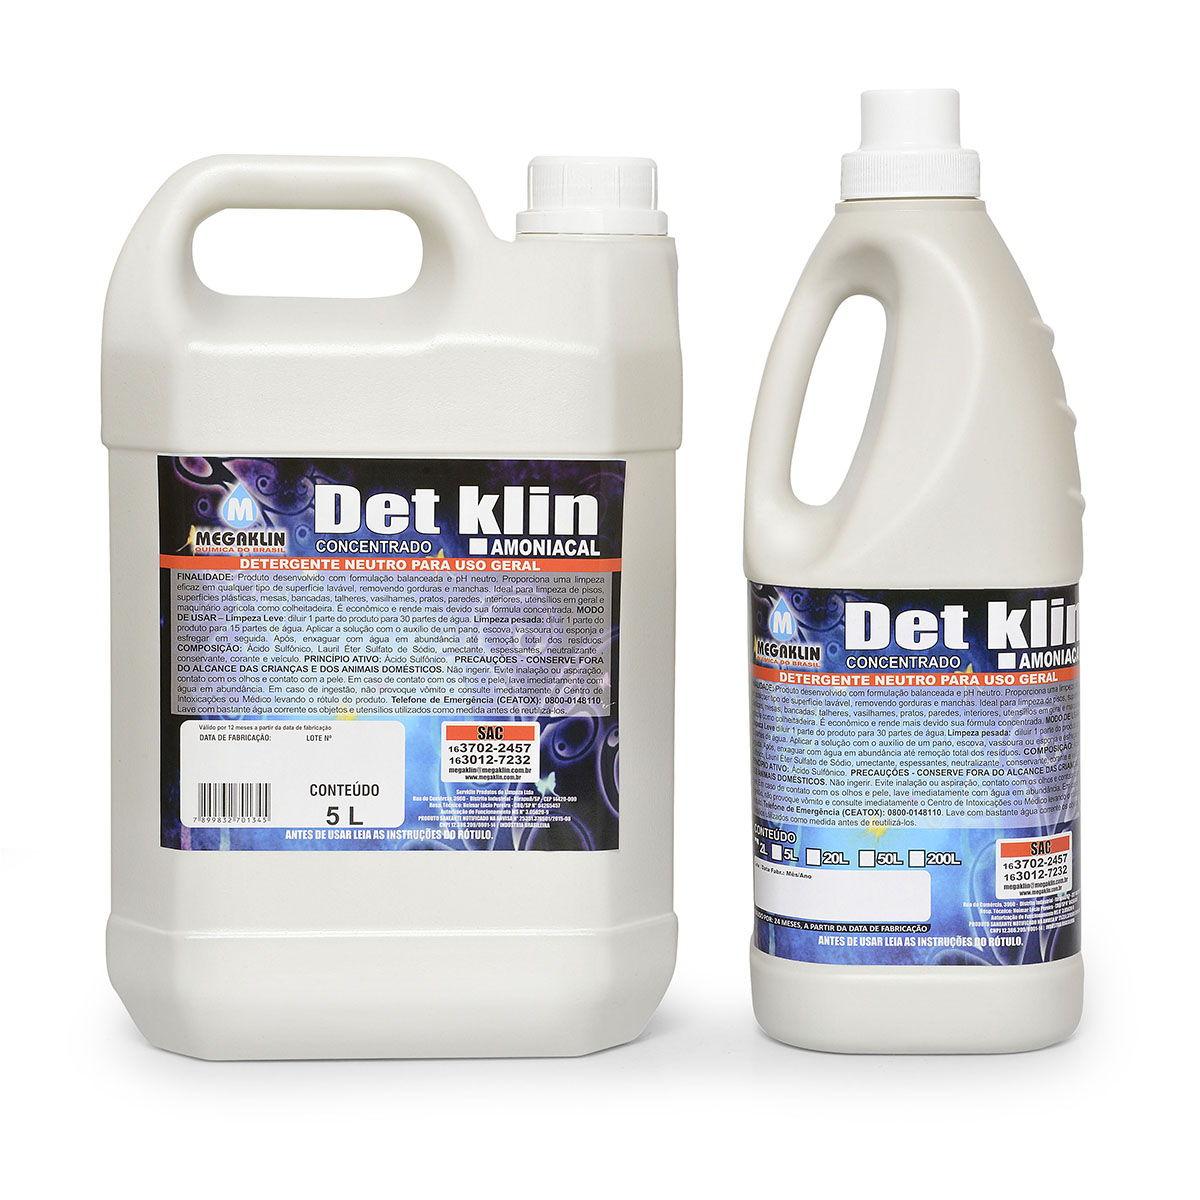 Detergente Neutro para Uso Geral Concentrado  Det Klin Amoniacal Megaklin